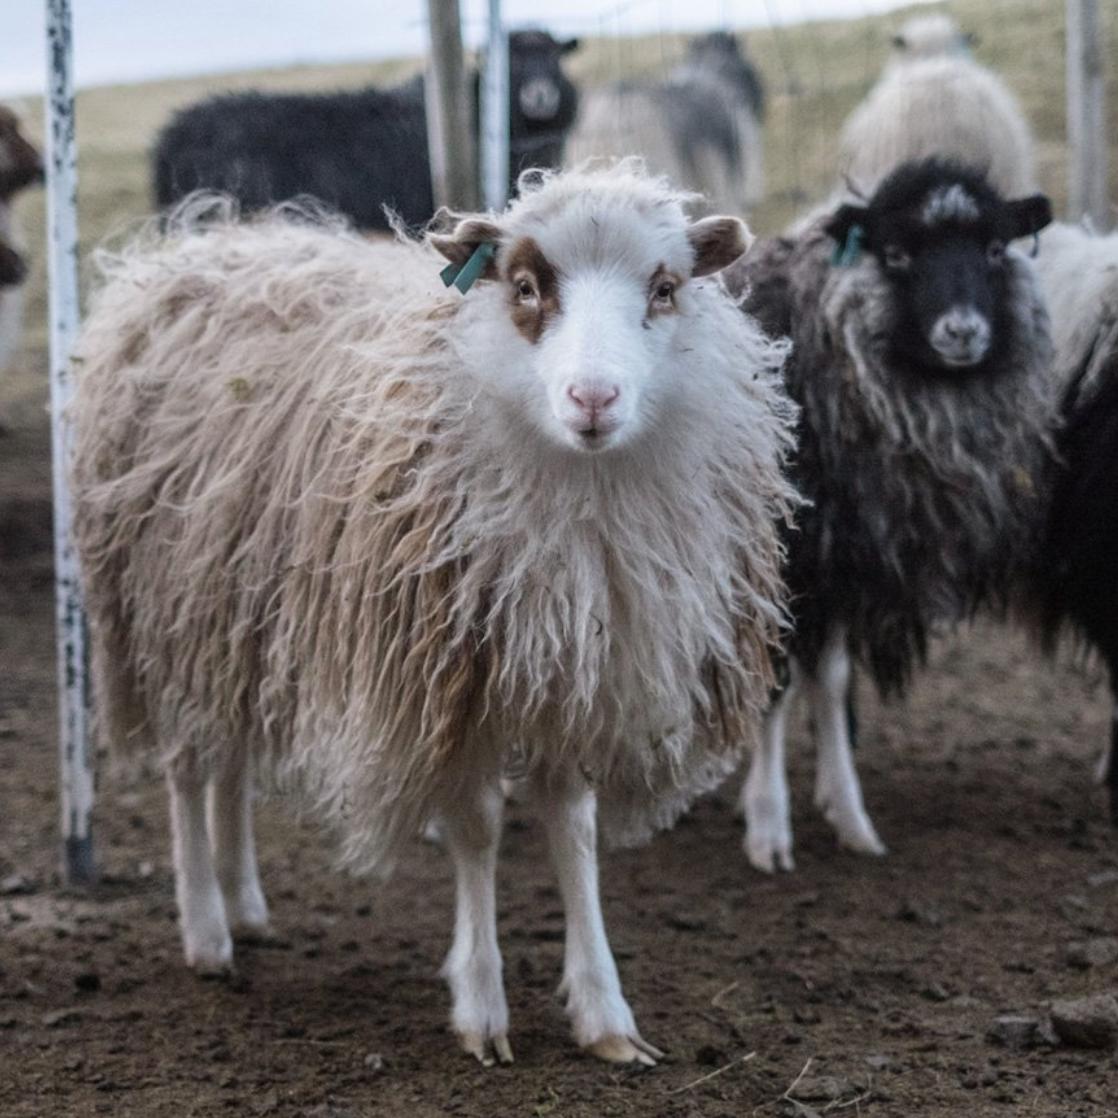 Faroese Sheep. Image ©Amber Corcoran